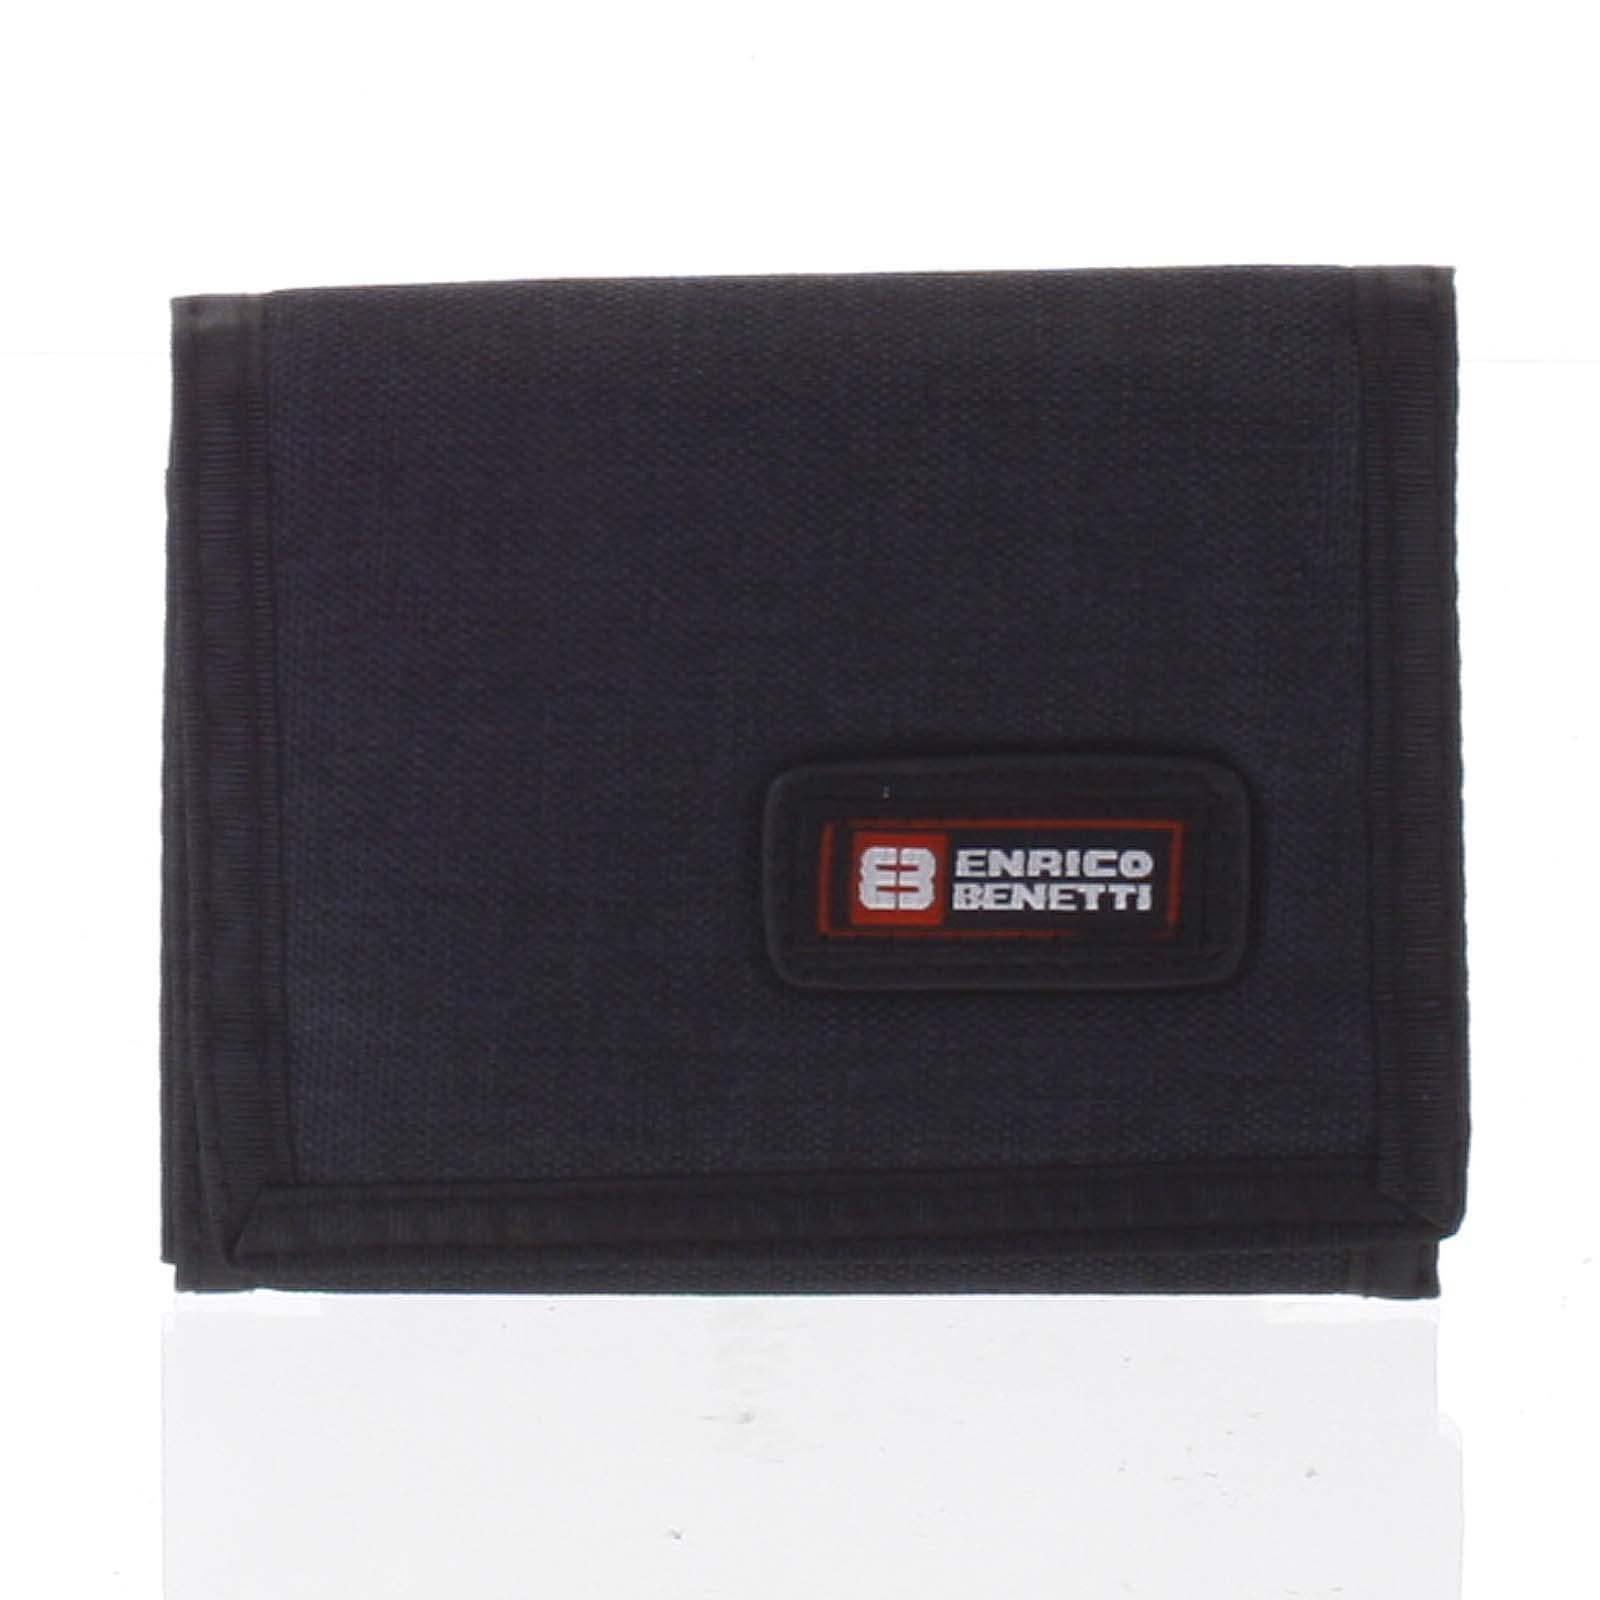 Peňaženka látková čierna - Enrico Benetti 4600